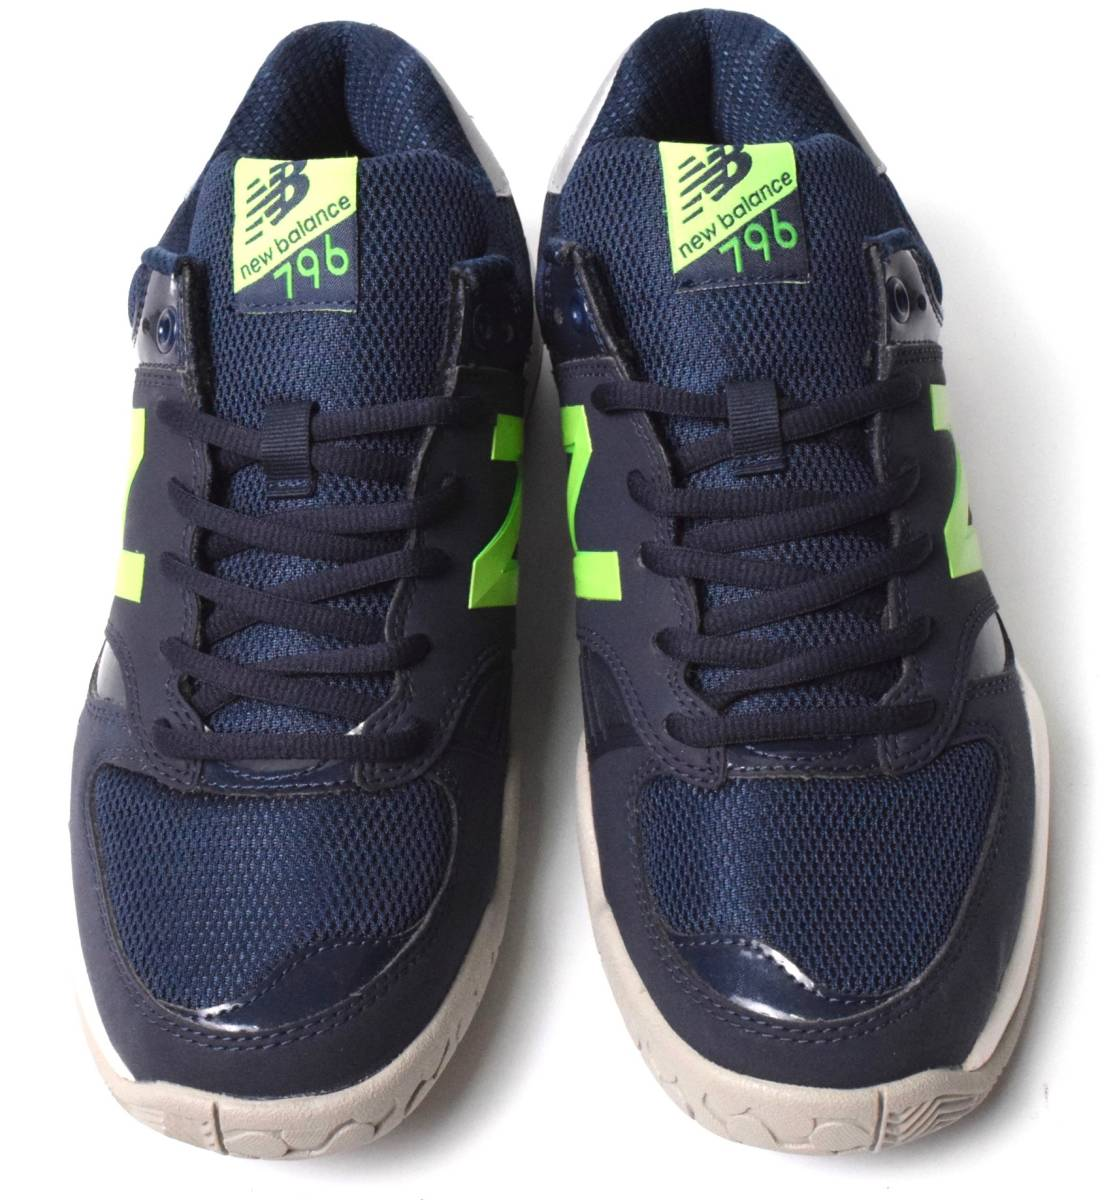 f449a5799f53c 未使用 NB ニューバランス MC796 NV1 オールコート テニス シューズ 25.5 (2E) _画像